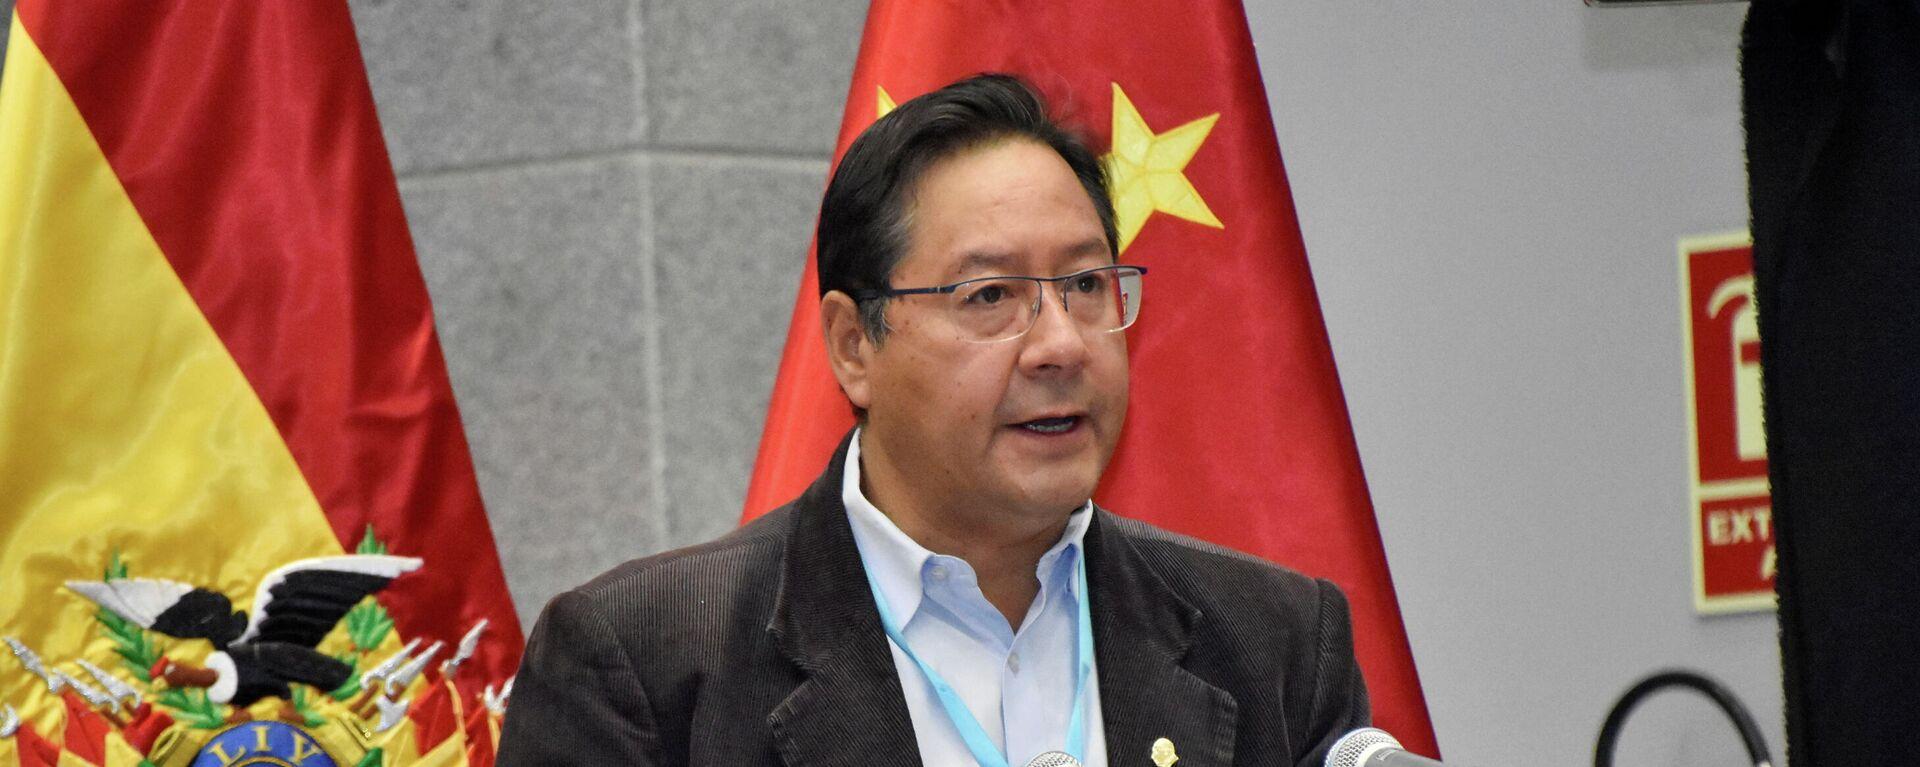 Luis Arce, presidente de Bolivia - Sputnik Mundo, 1920, 16.08.2021